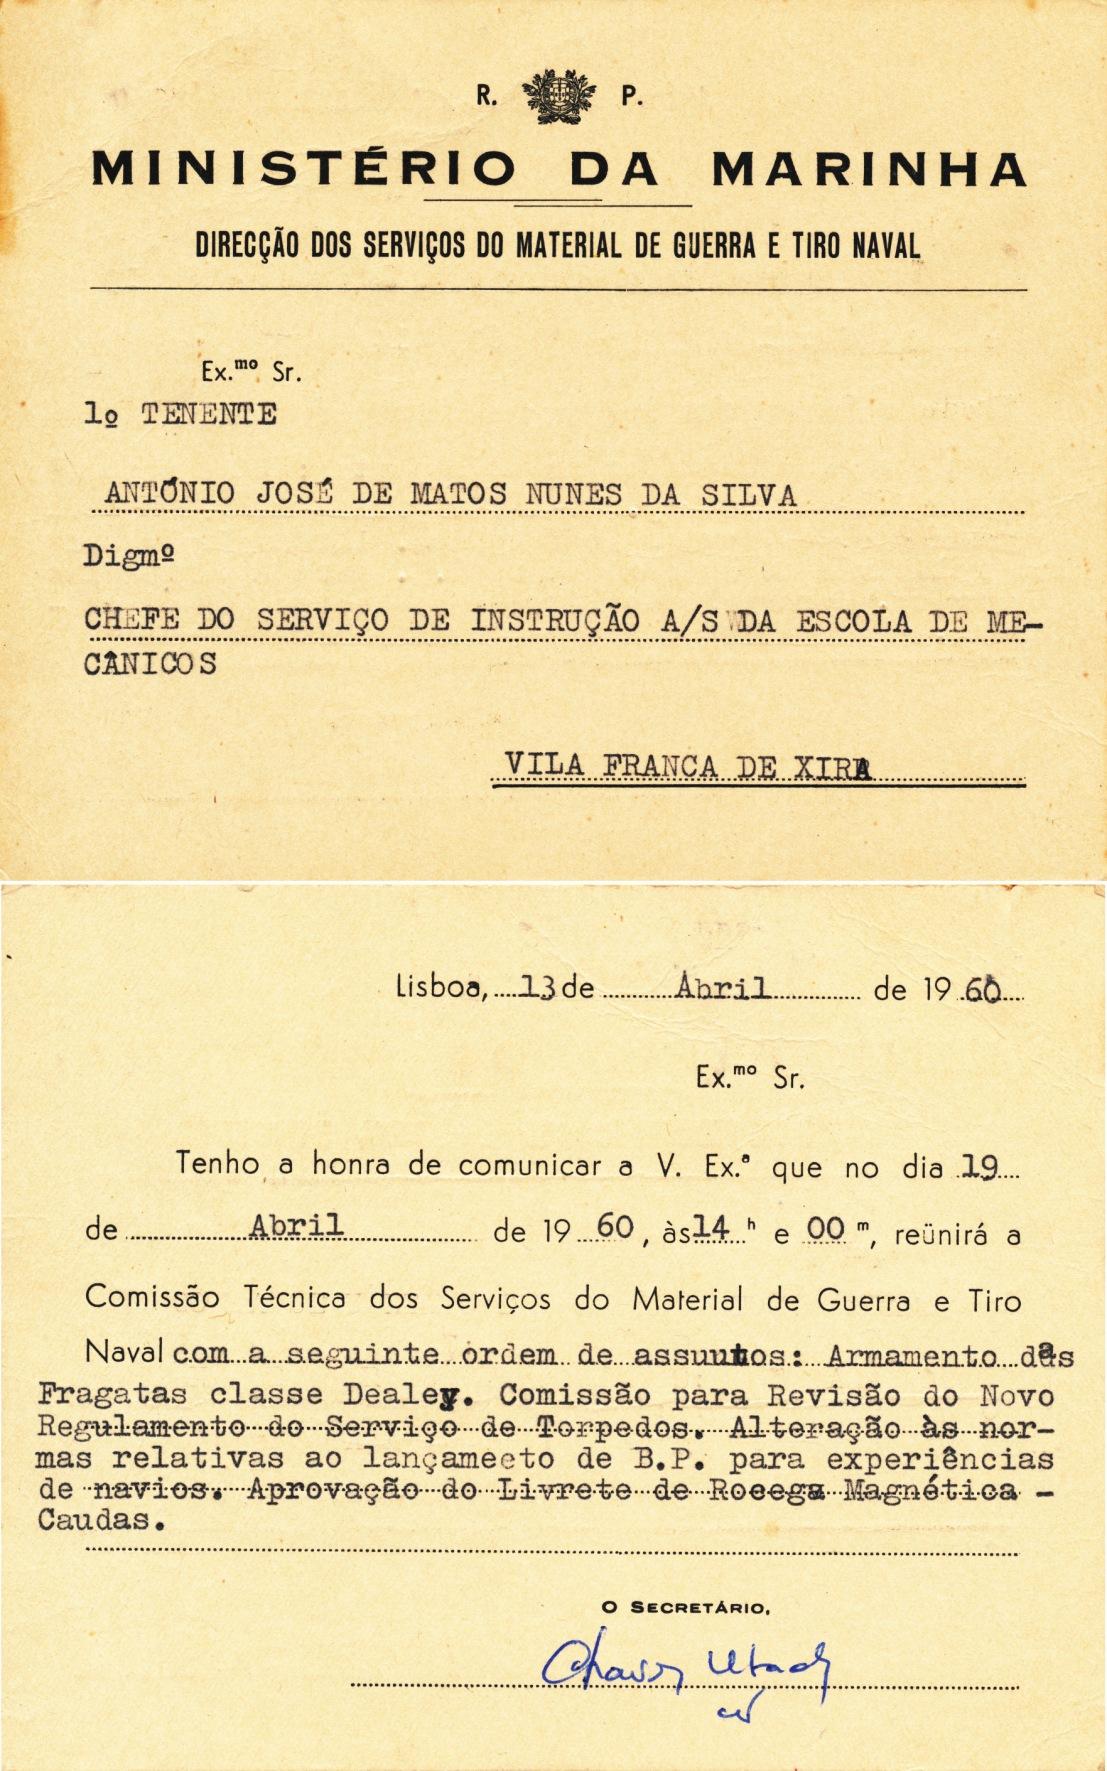 00394 960-04-13 convocado pela DSMGTN para participar na Comissão Técnica no estudo do armamento das FF Dealey